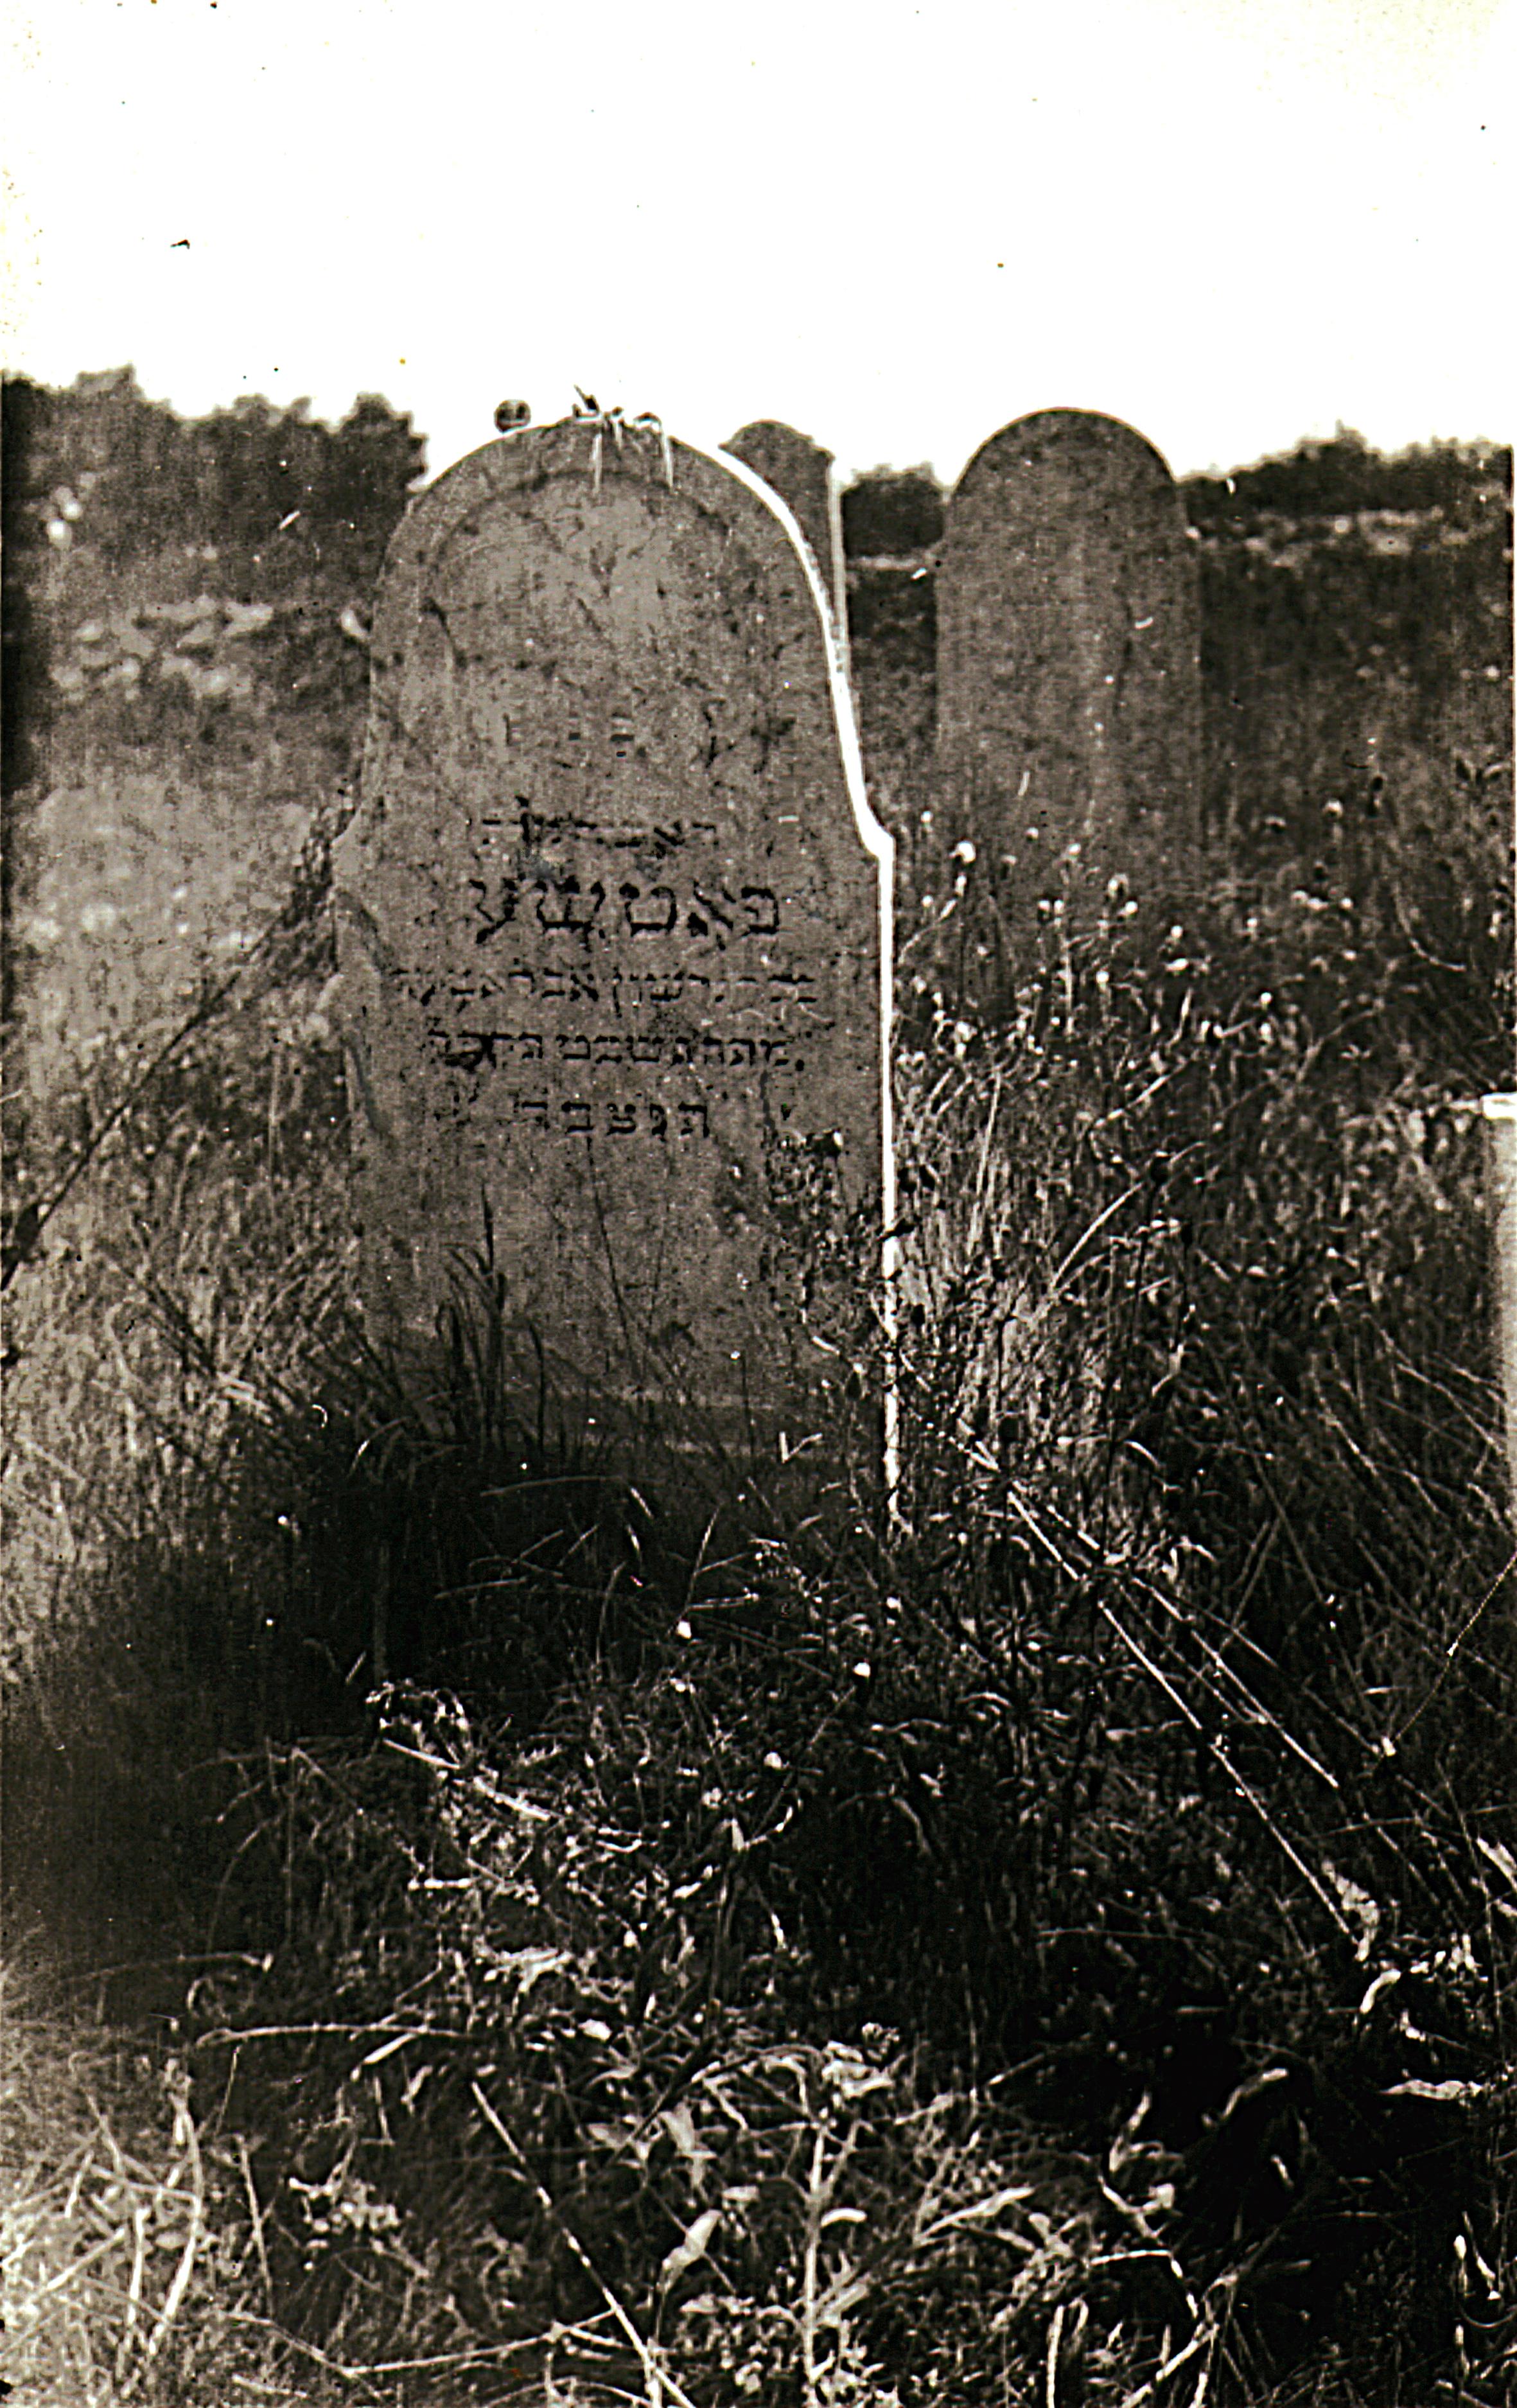 Jozefin Schultz's tombstone